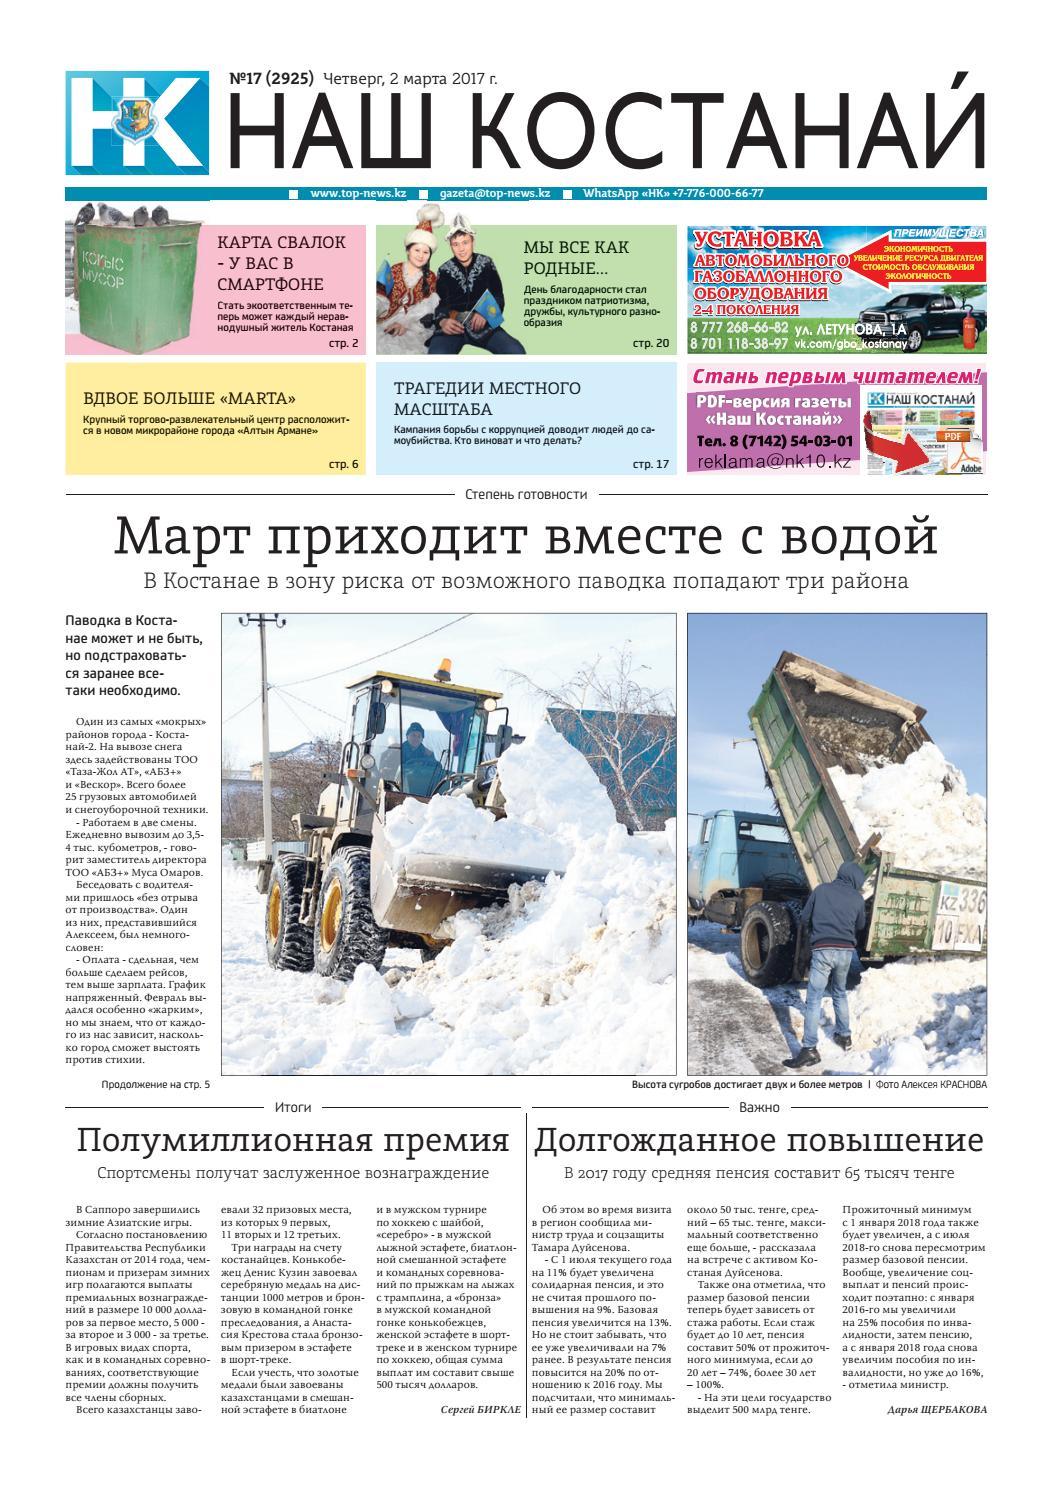 Адвокат торшин анатолий иванович в газетах и журналах